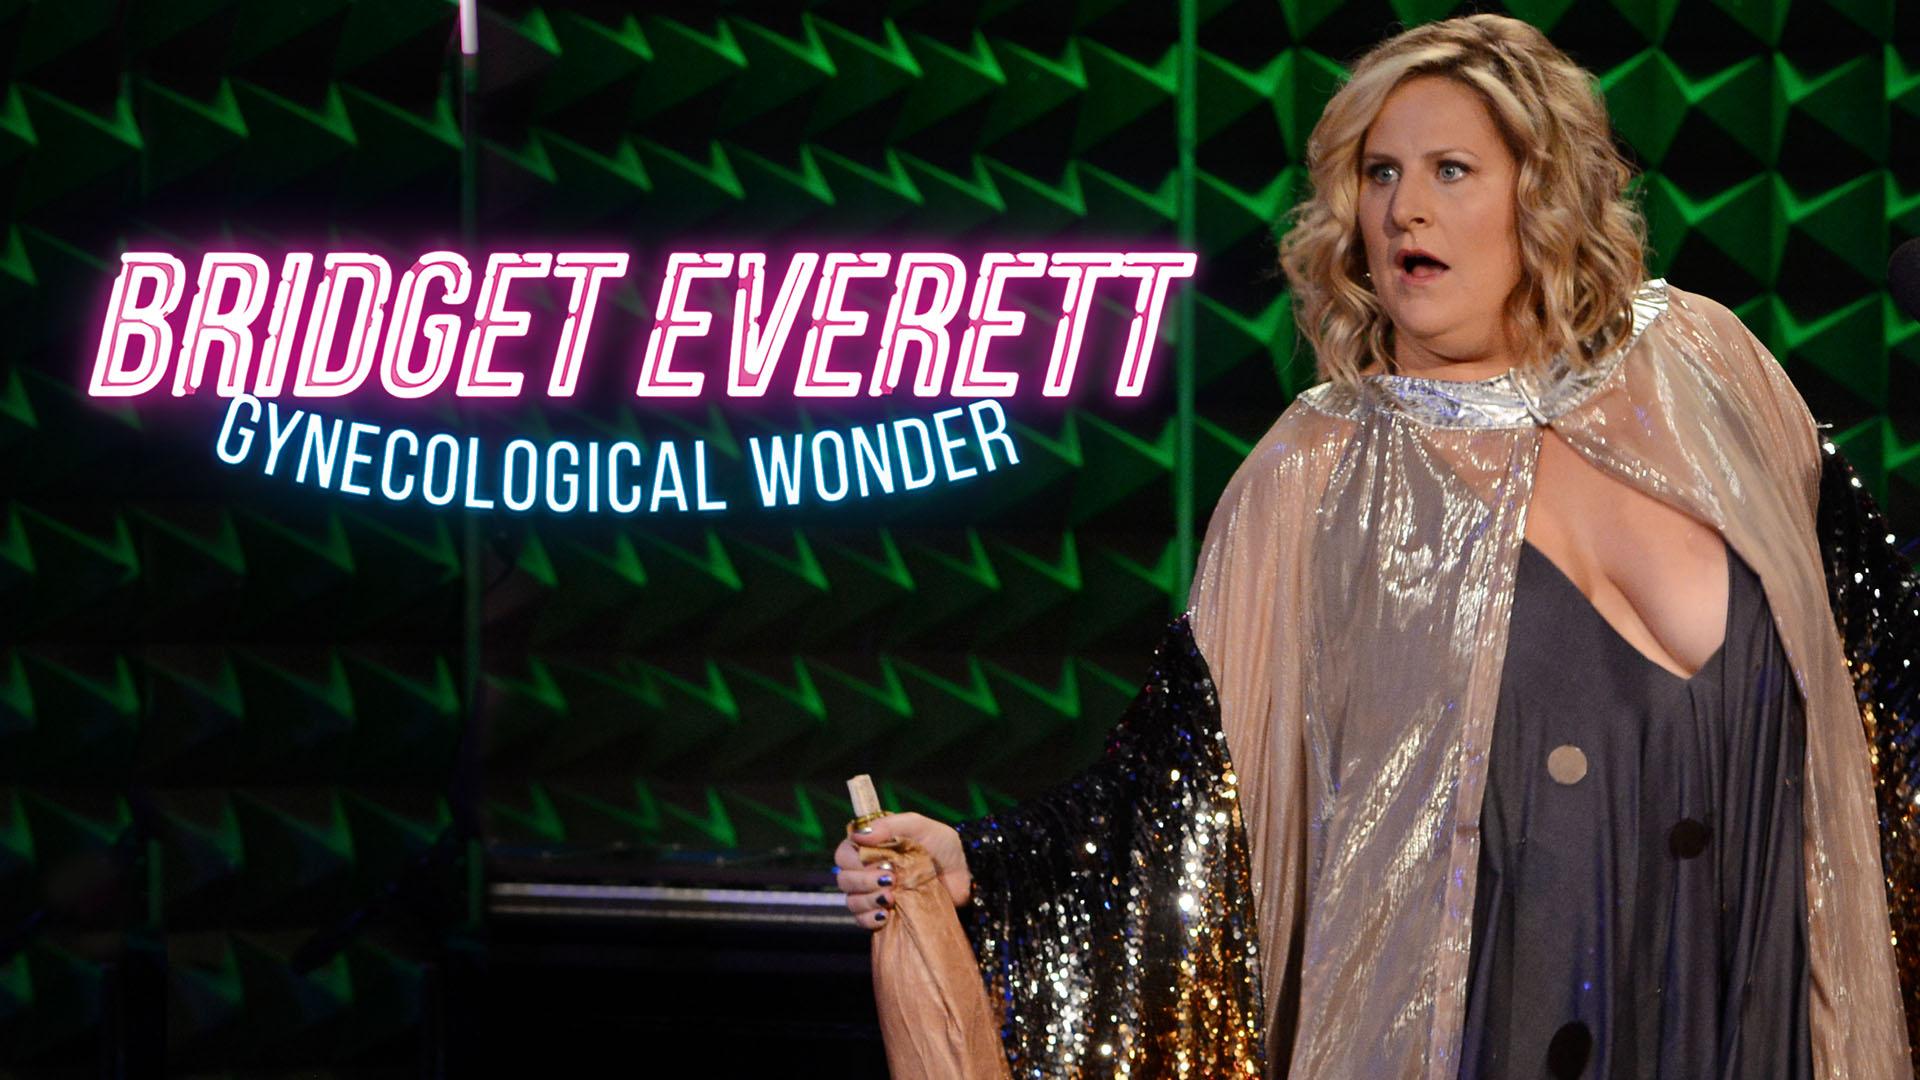 Started from Rock Bottom now she's here: Bridget Everett, Gynecological Wonder